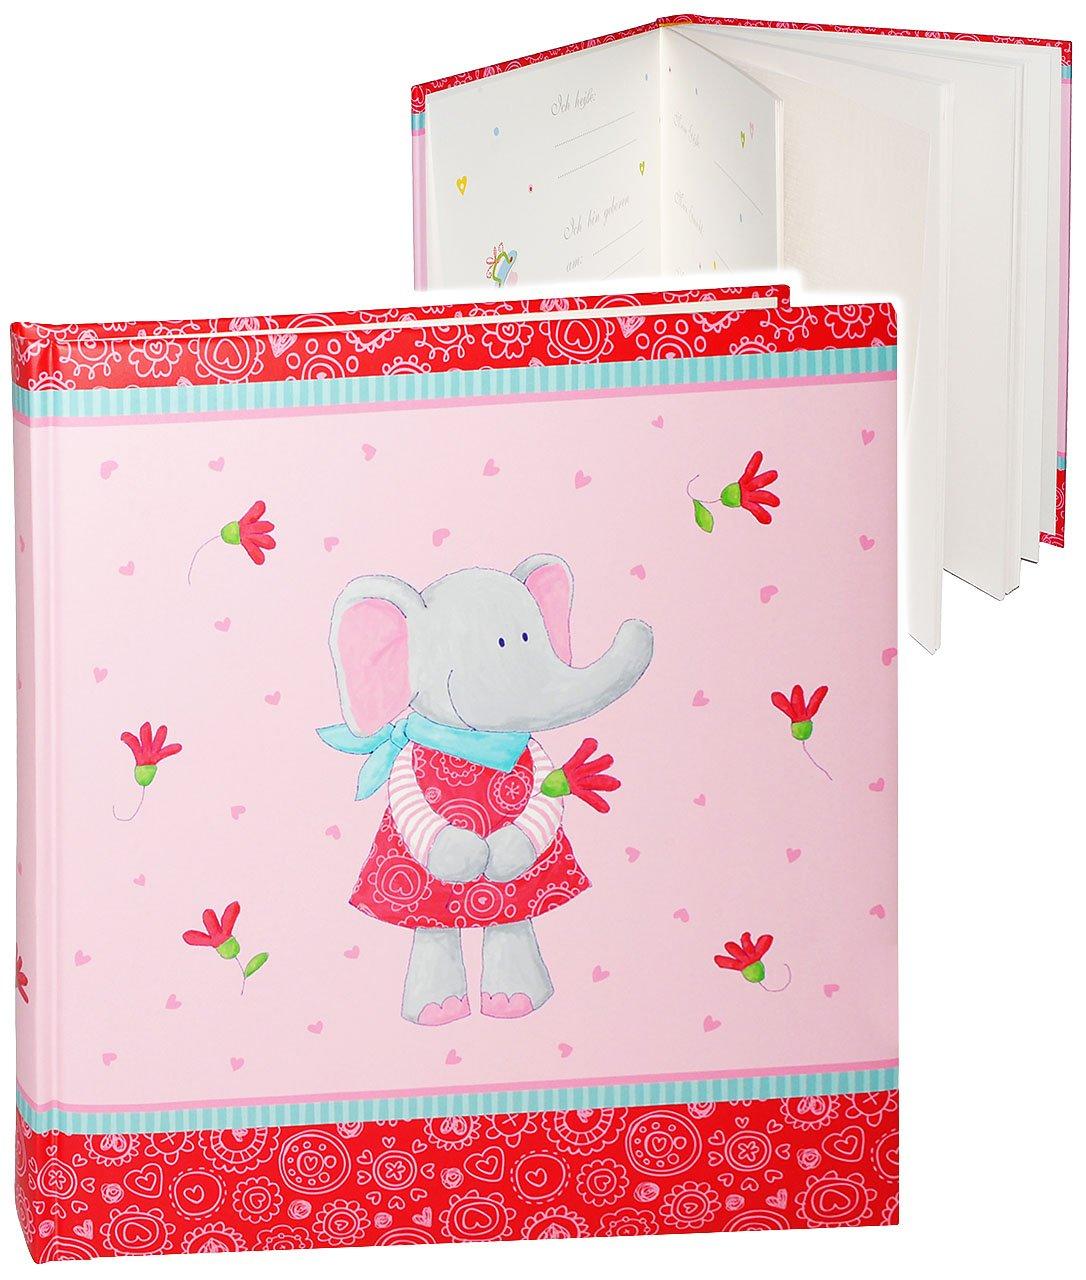 Elefant Ele BeLe /& Herzen gro/ß 60 Seiten f/ür .. blanko wei/ß Name alles-meine.de GmbH XL Fotoalbum Gebunden zum Einkleben /& Eintragen Babyalbum // erste Fotos incl